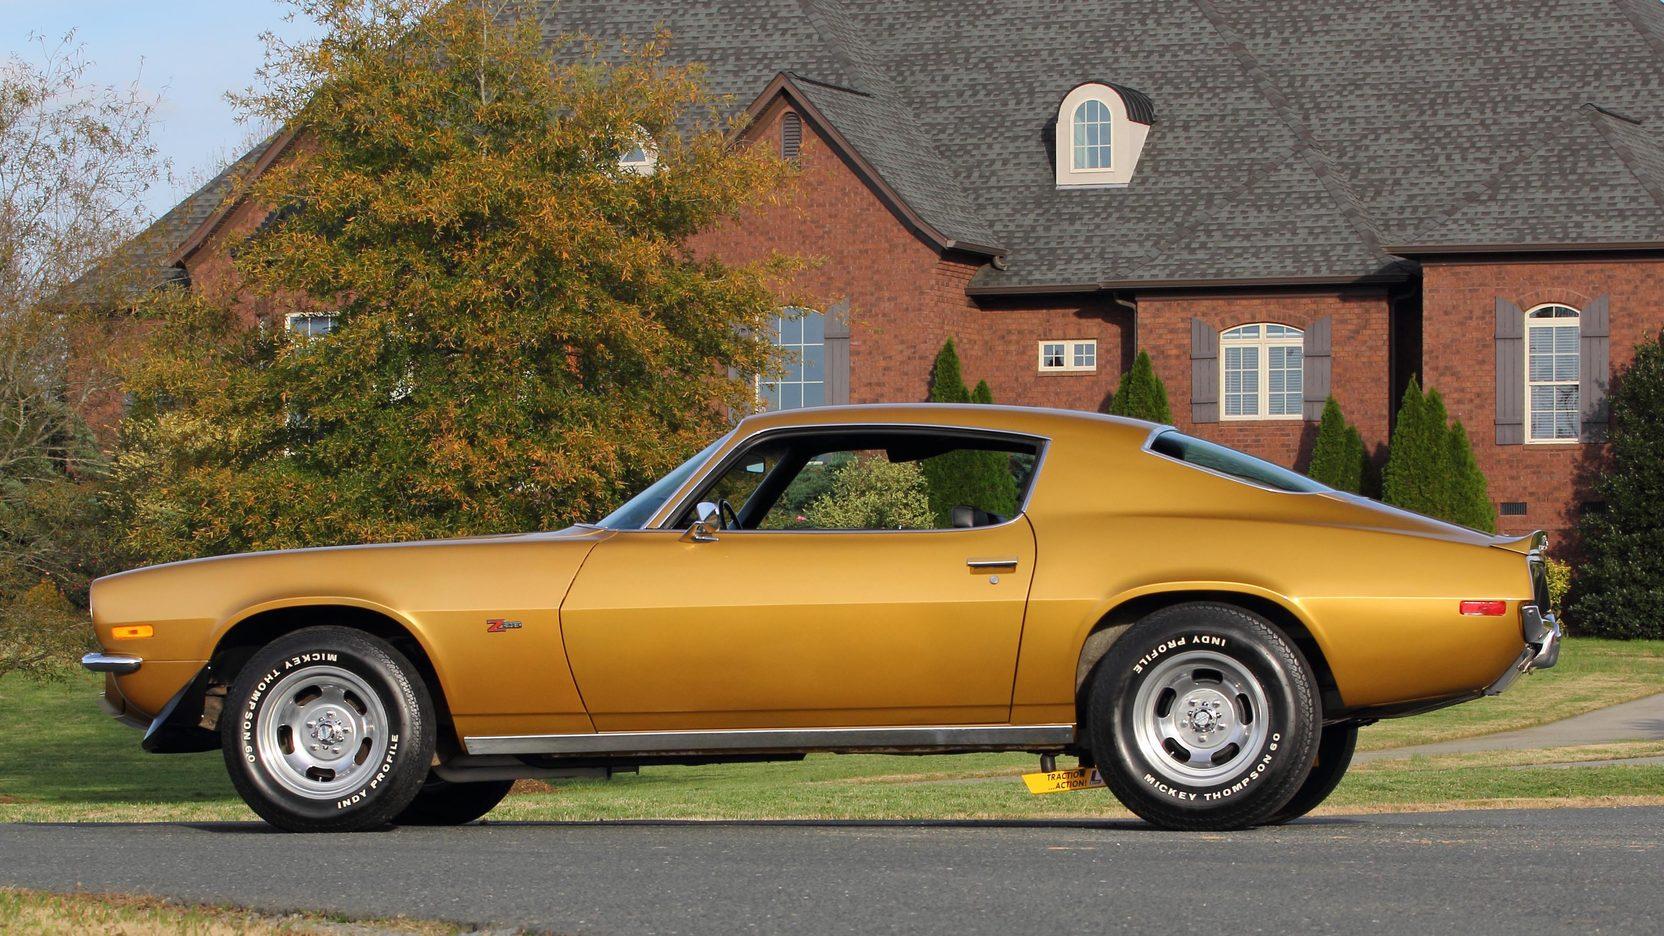 1970 Chevrolet Camaro Z28 profile